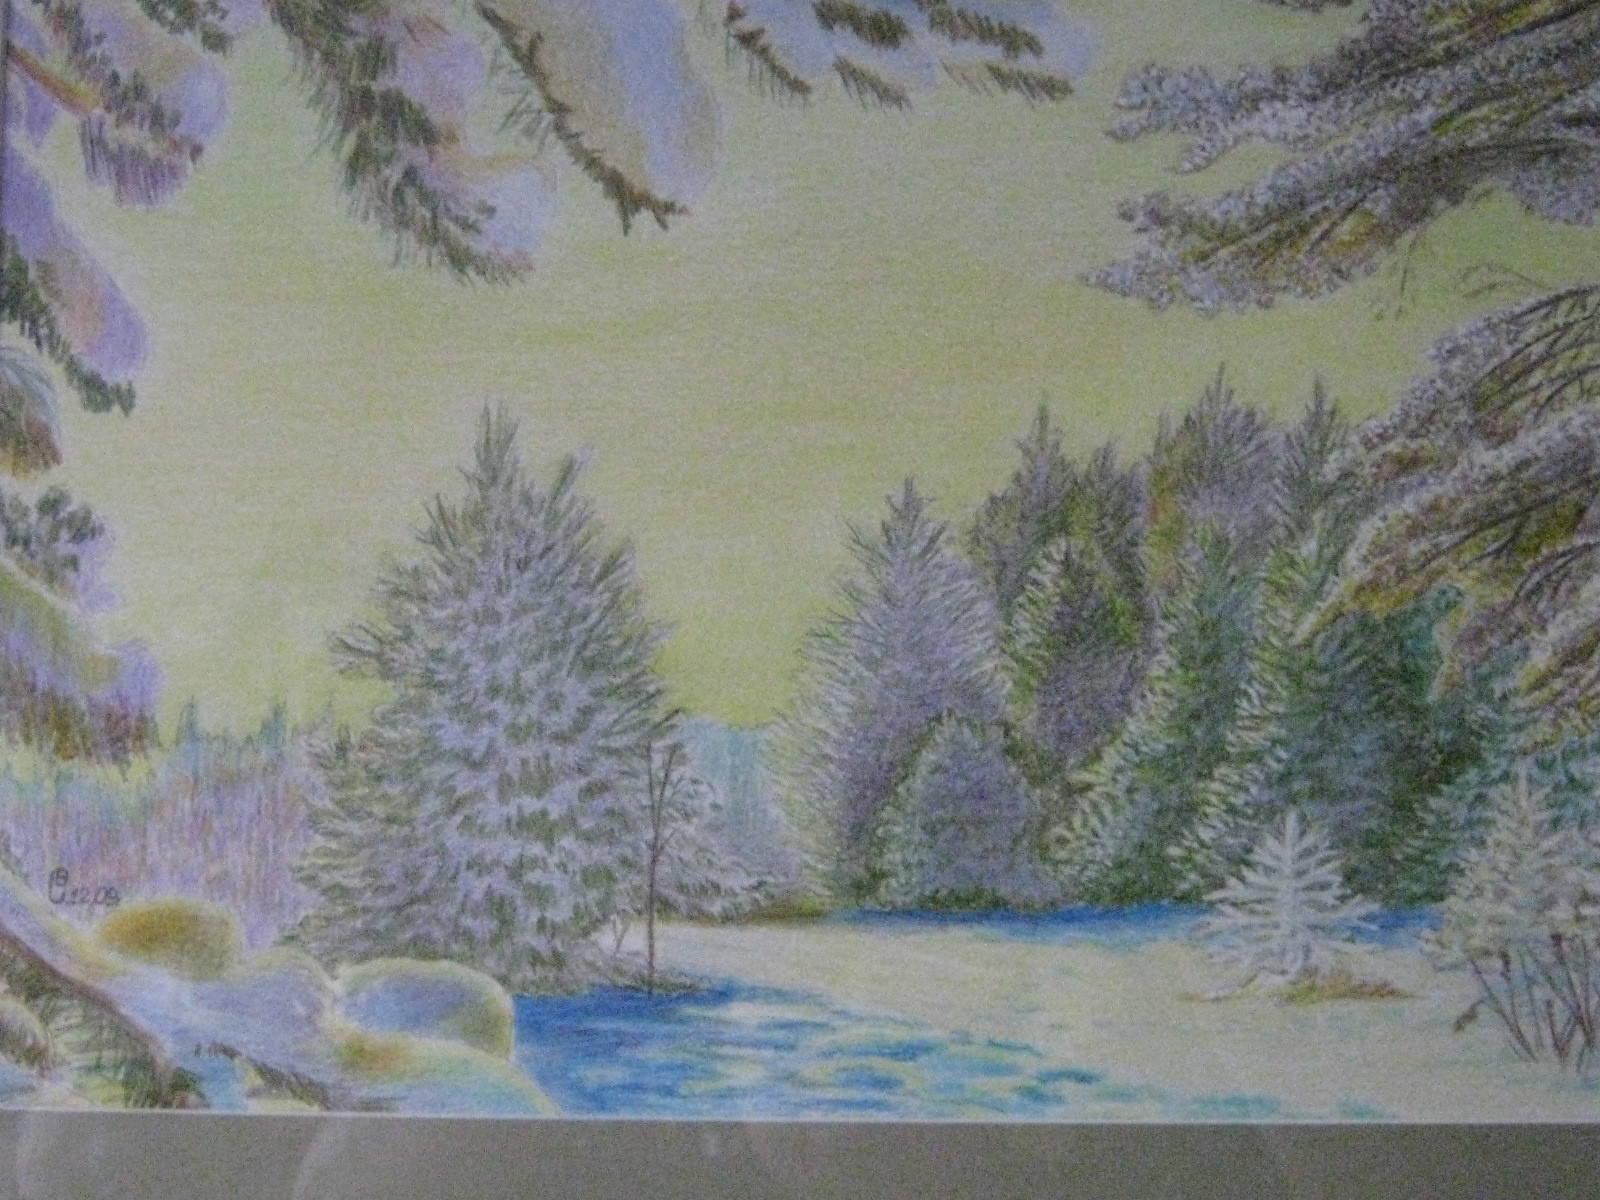 Яркий зимний день. Работа выполнена в смешанной технике на бумаге (цв.карандаш, гуашь), в жанре Пейзаж, размером 29х40.